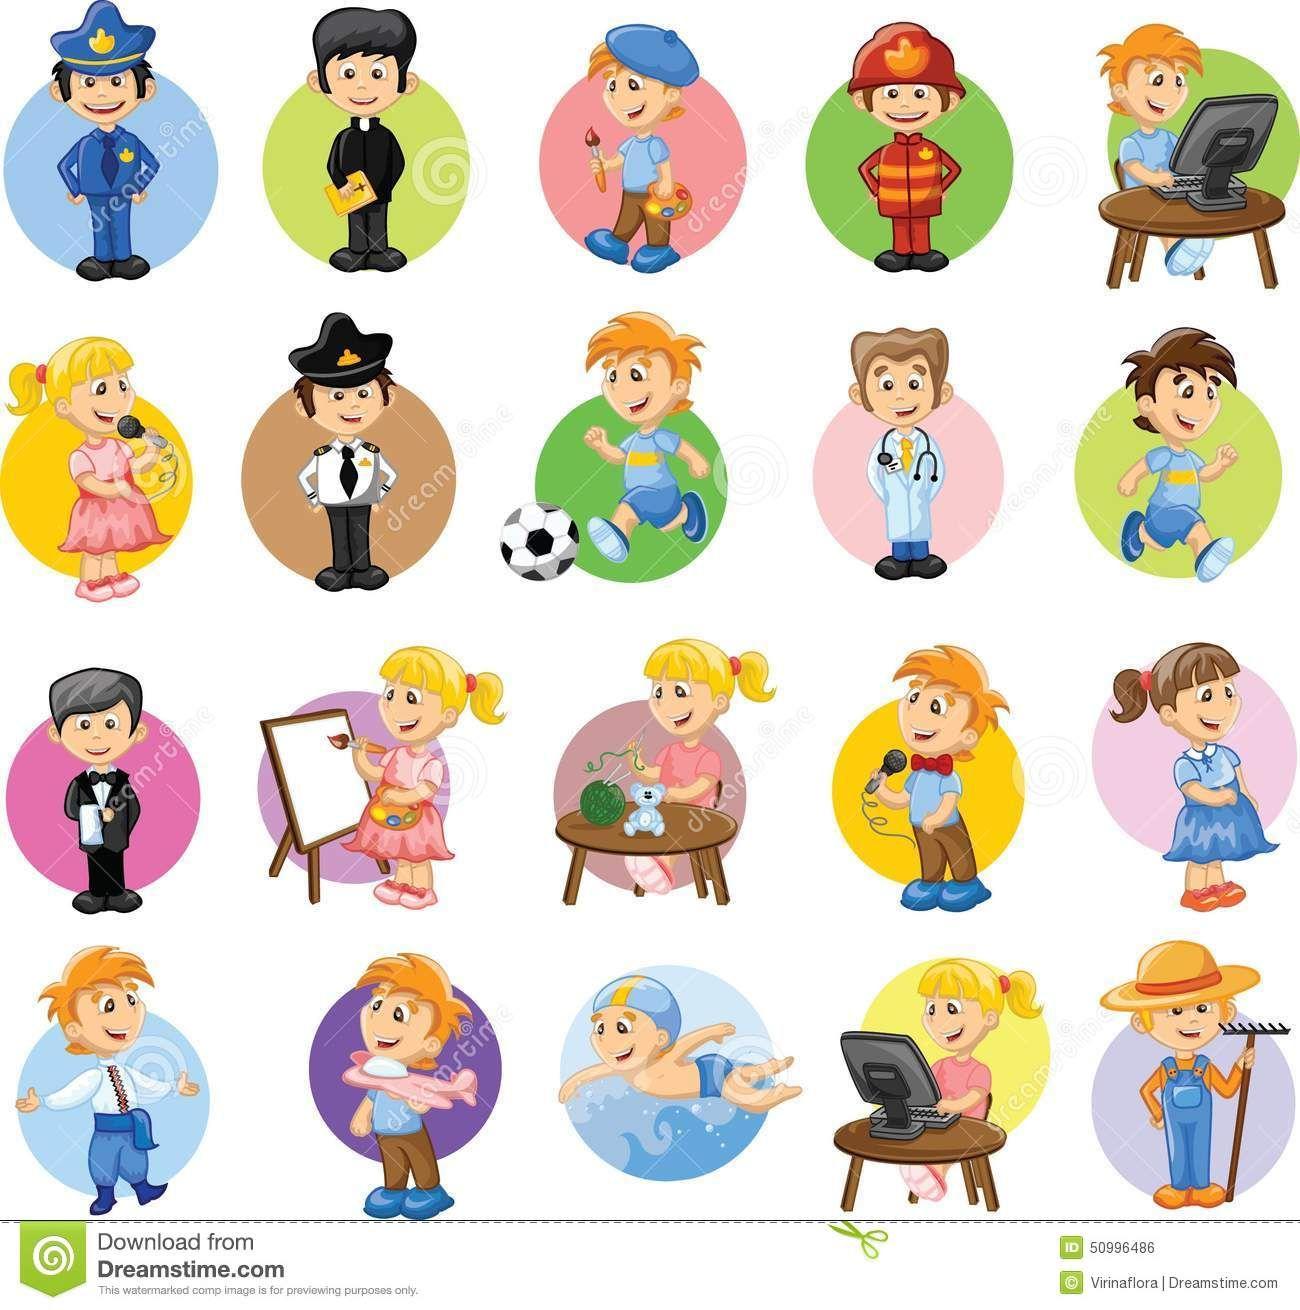 D Line Drawings Jobs : Personajes de dibujos animados diversas profesiones